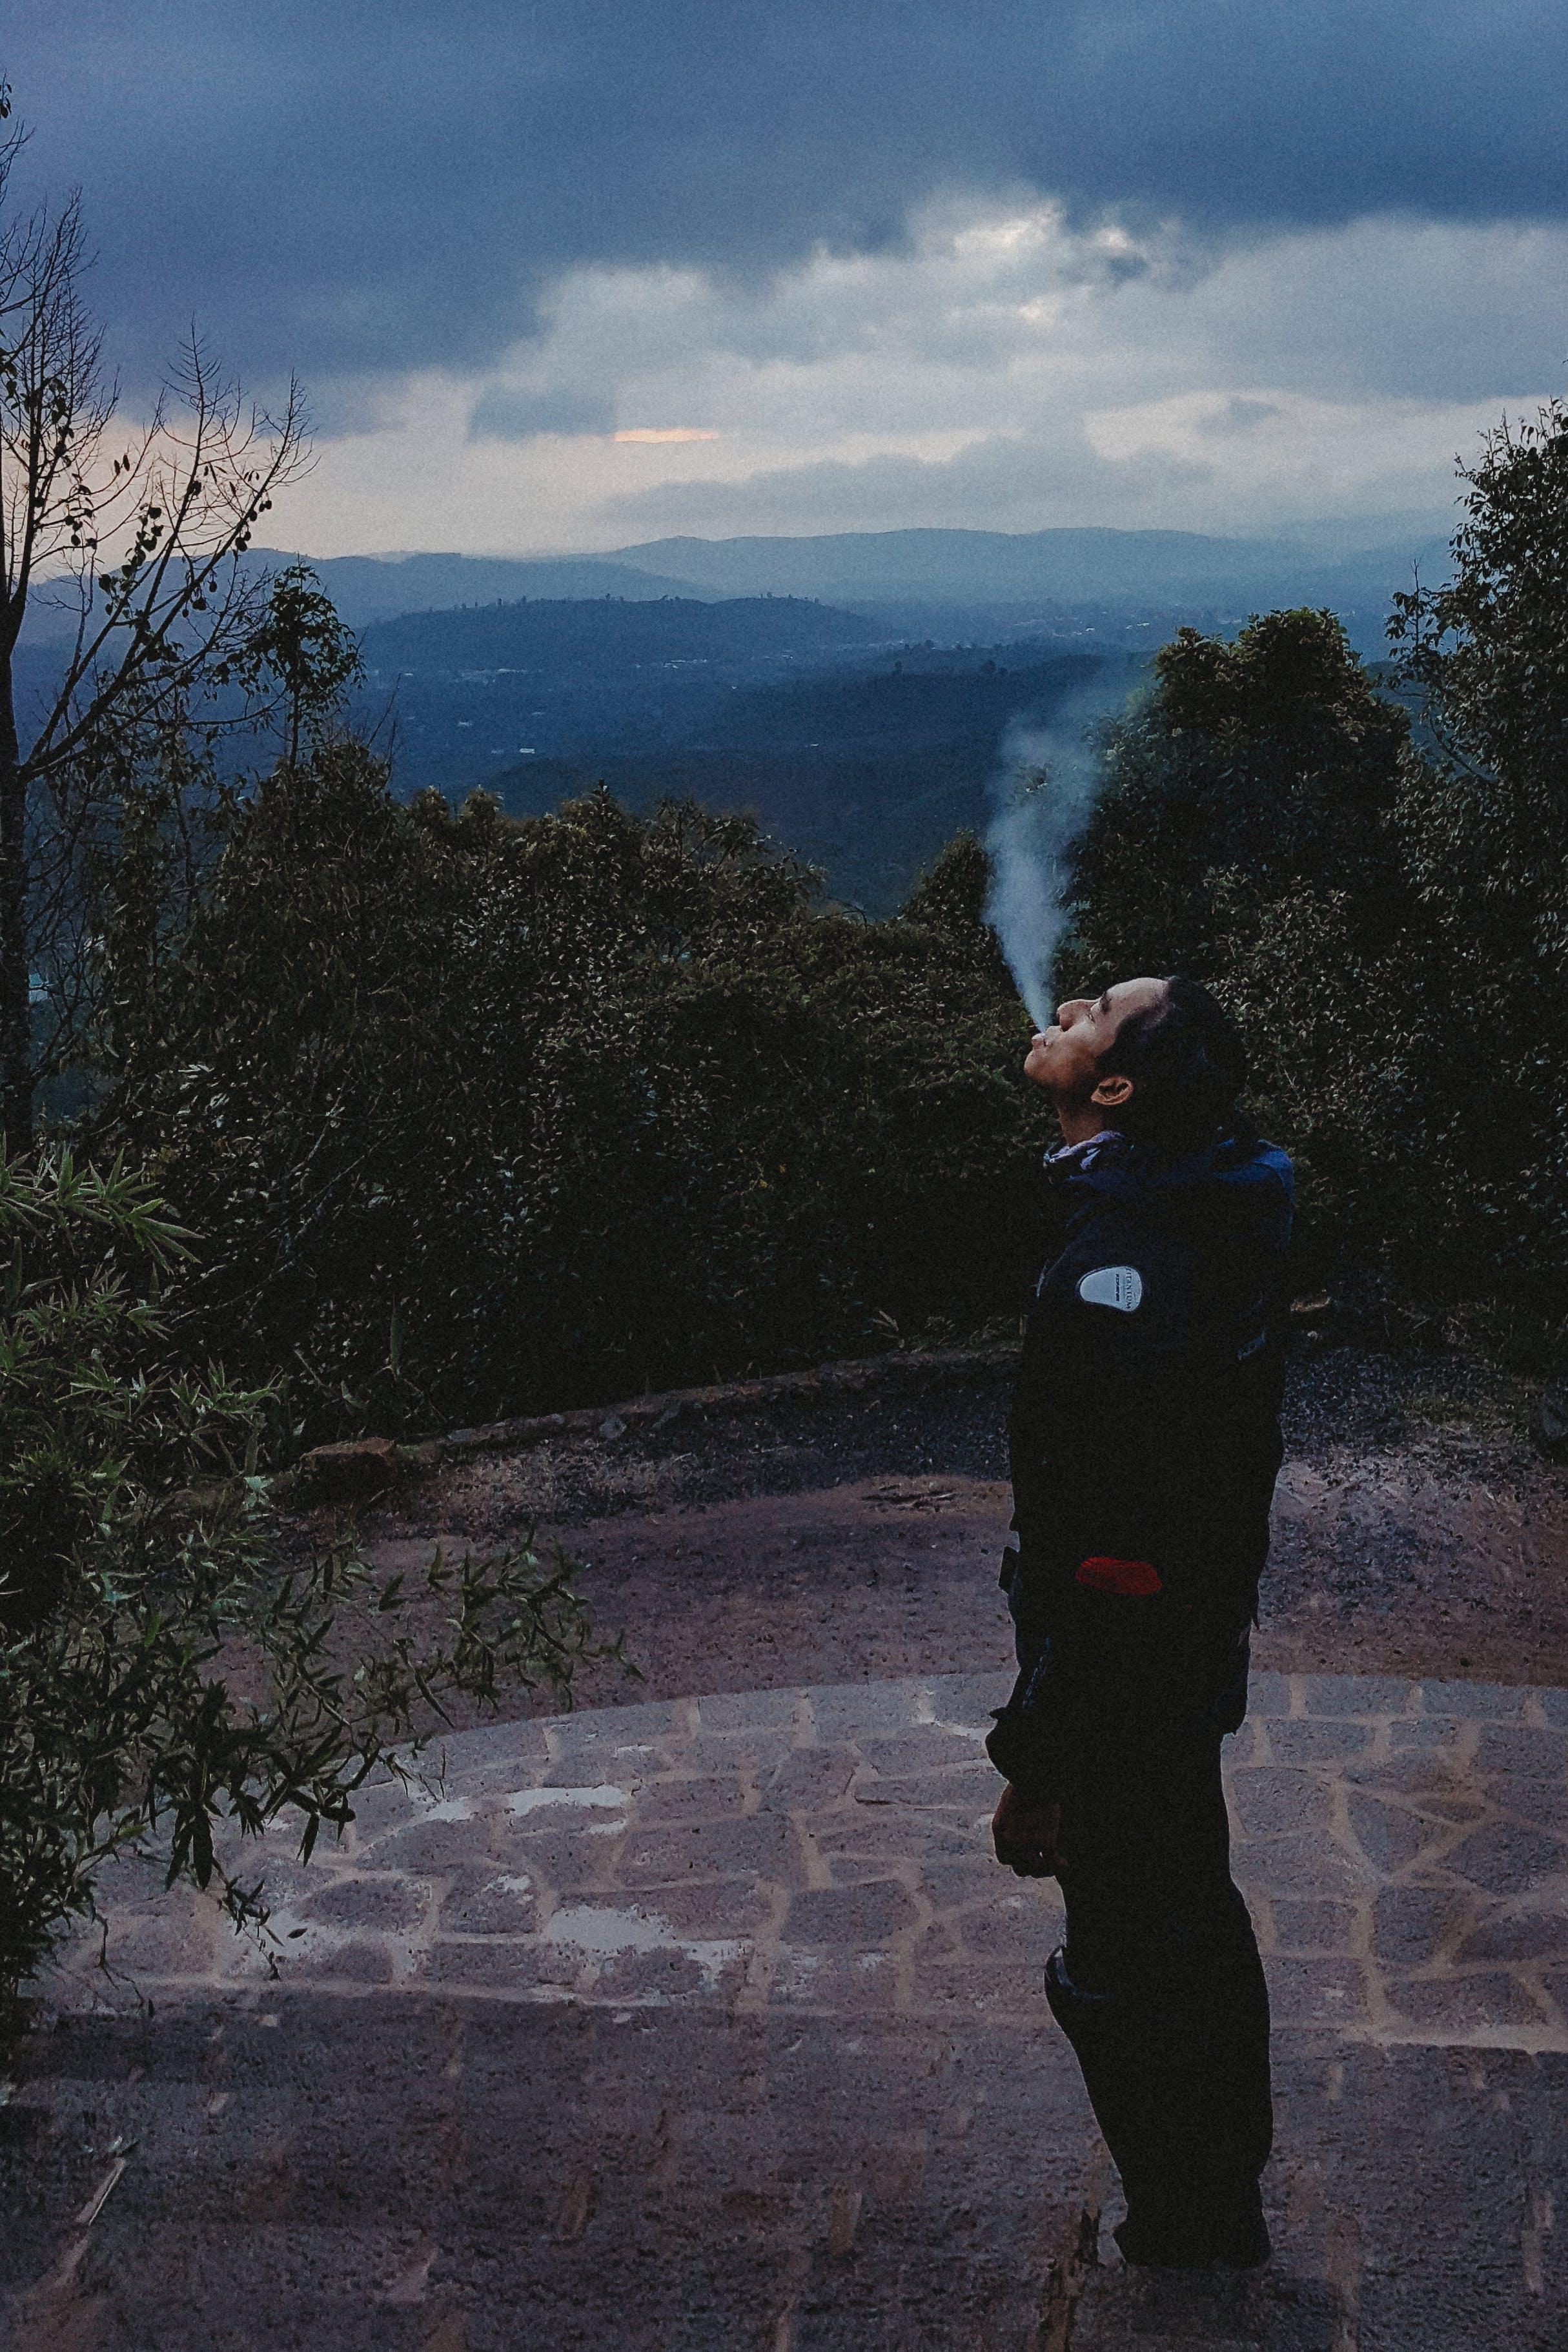 Man Smoking Looking Up